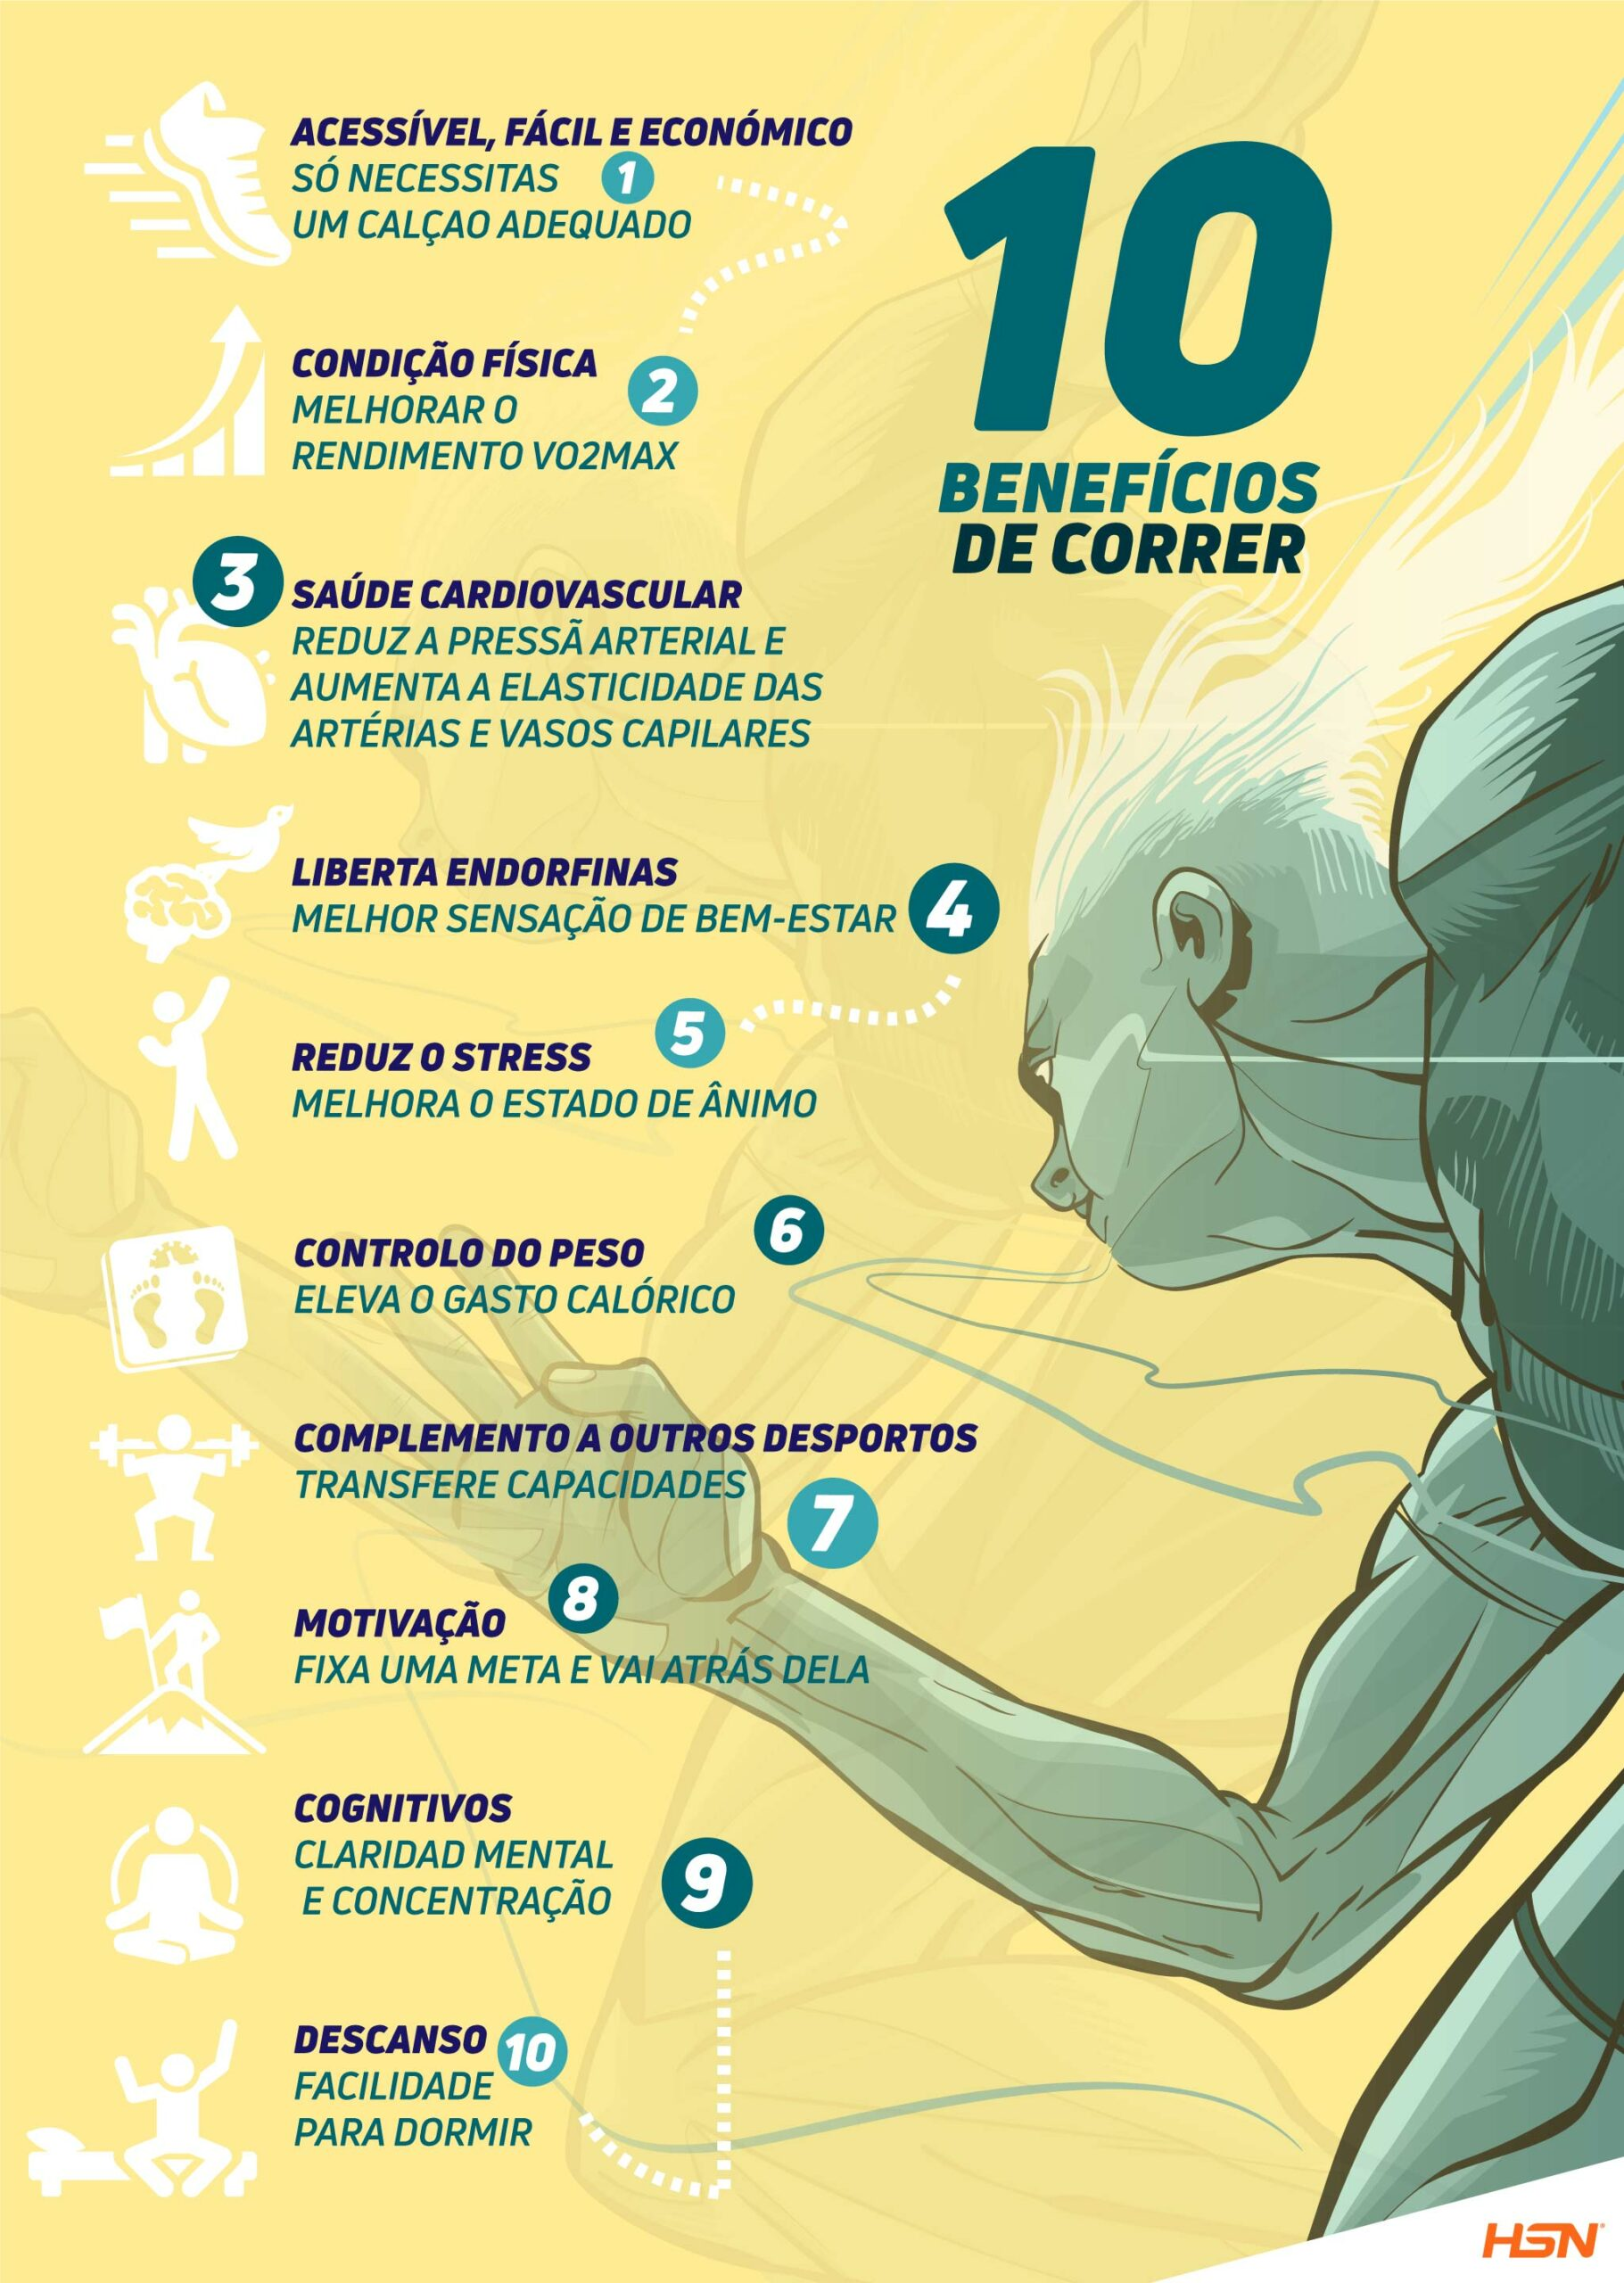 Info 10 beneficios correr